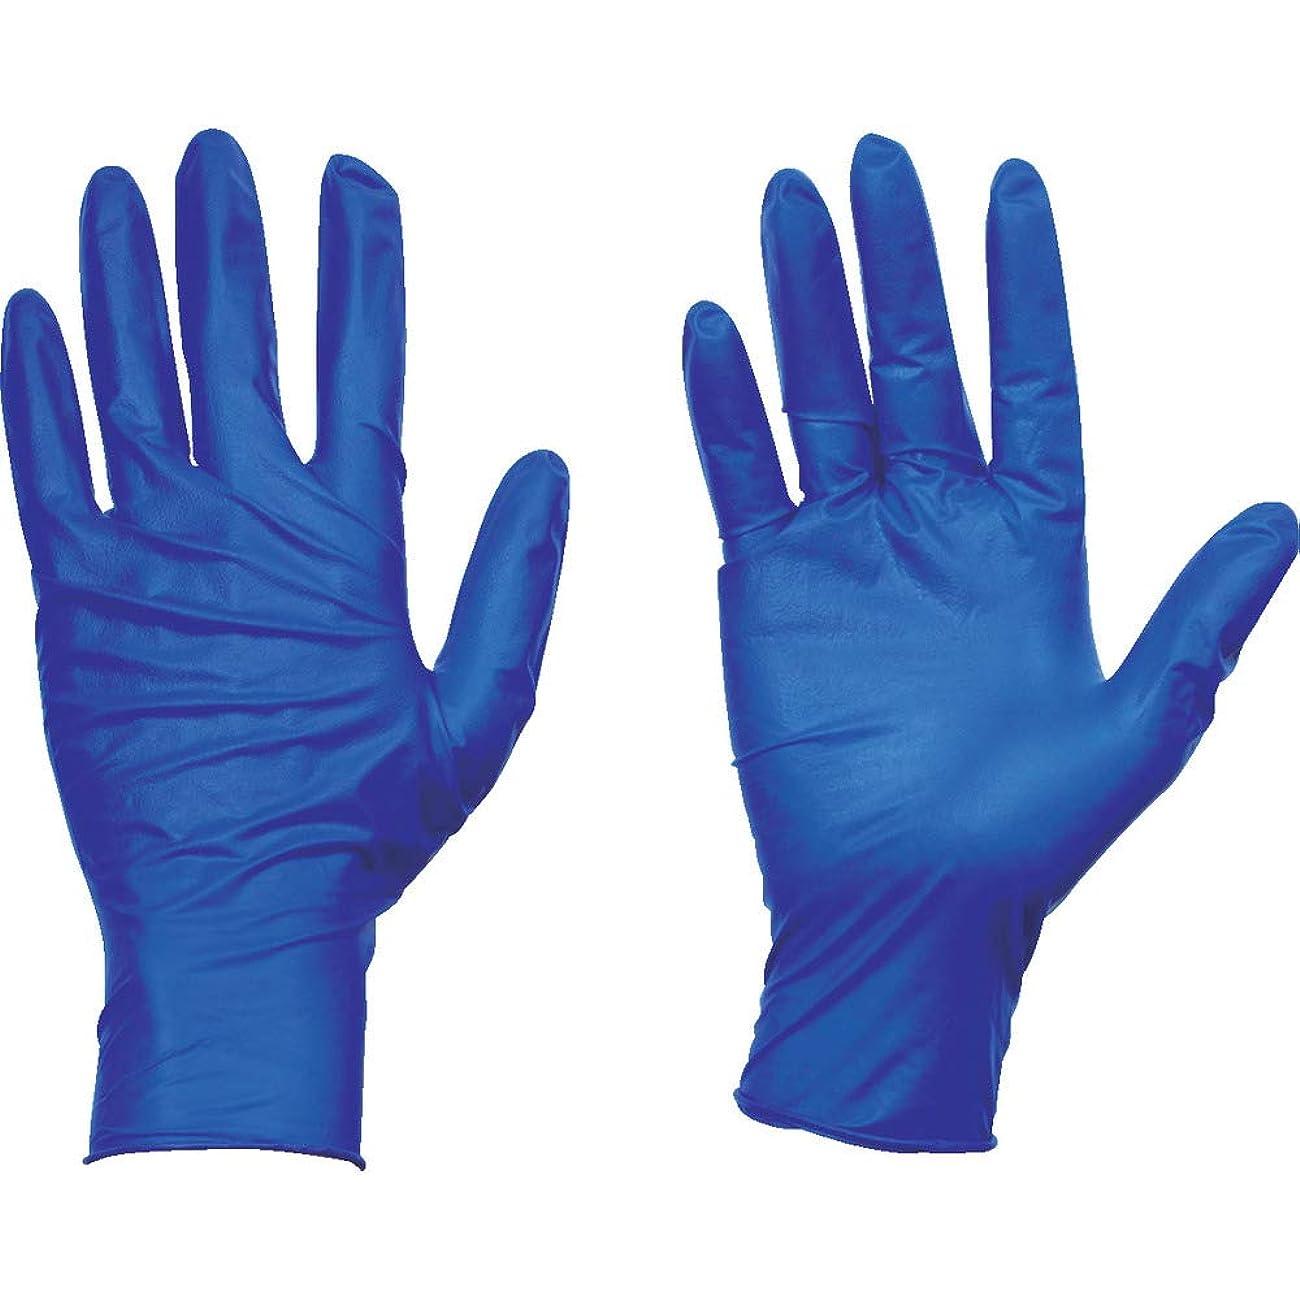 手配する入口オーナーTRUSCO(トラスコ) 使い捨て天然ゴム手袋TGセーフ 0.12 粉無青S 100枚 TGNL12BS